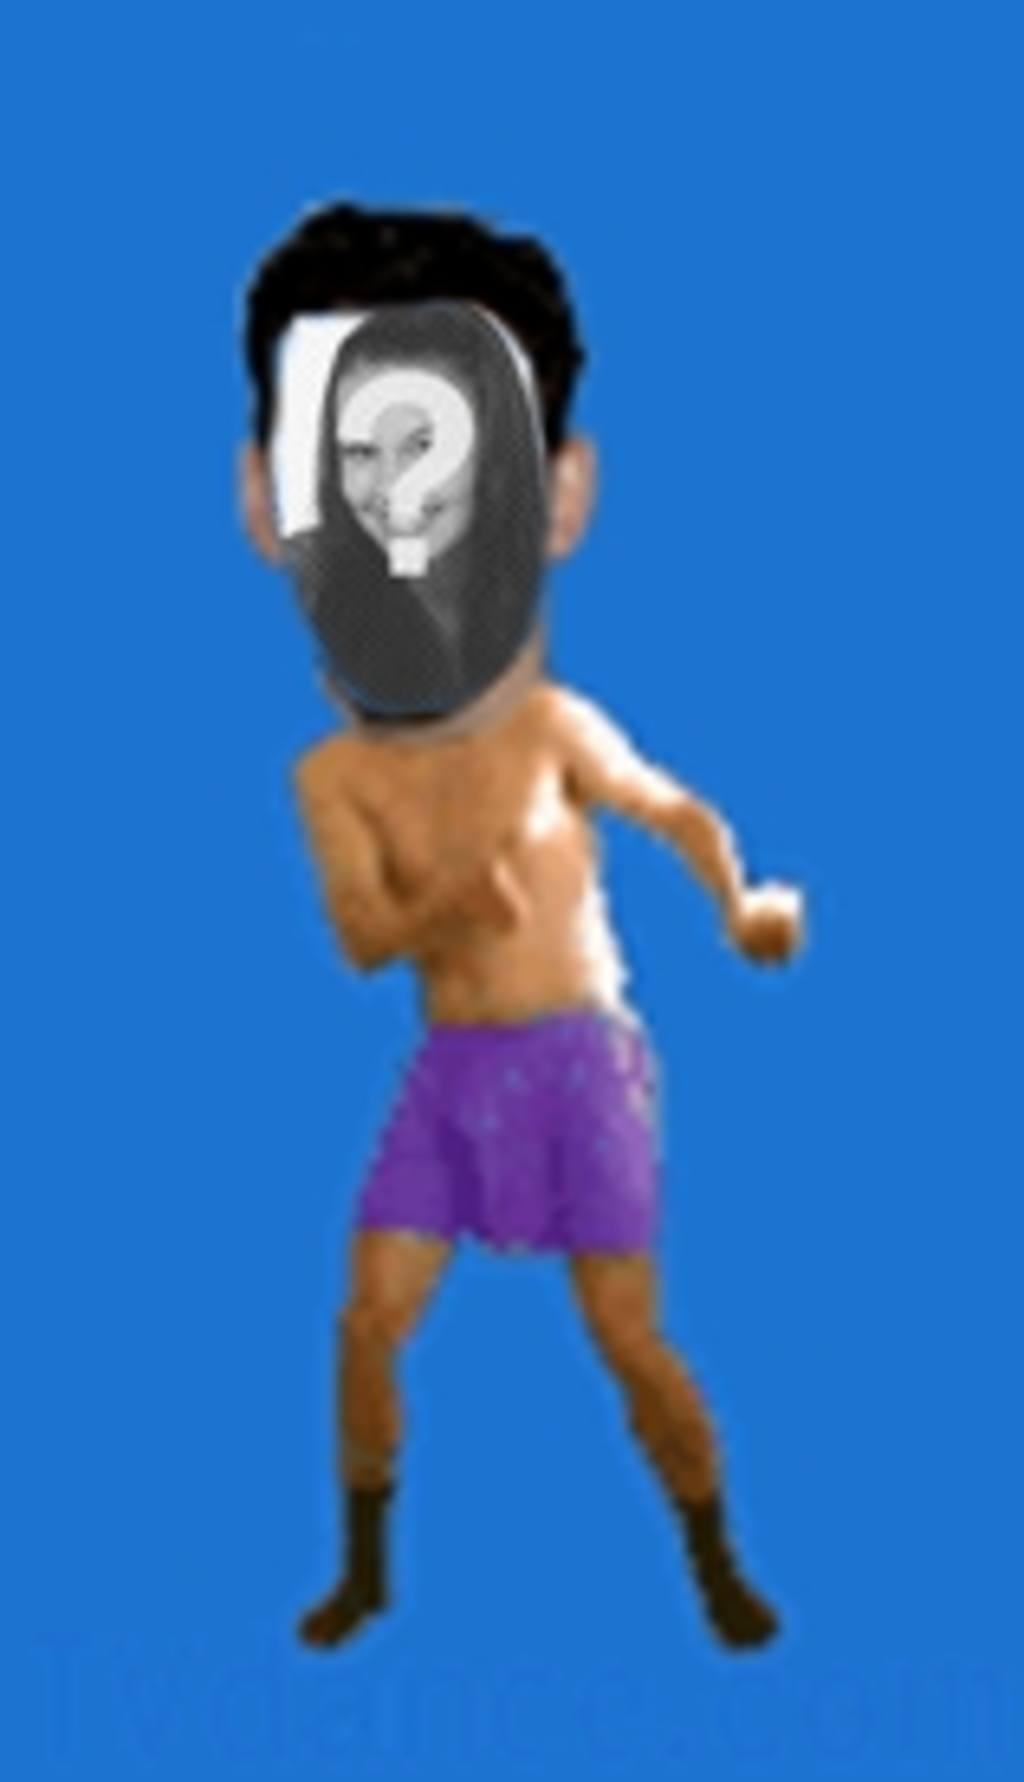 Animation eines Mannes in seiner Unterwäsche tanzen Boogie, in dem das Gesicht Ihrer Wahl einfügen